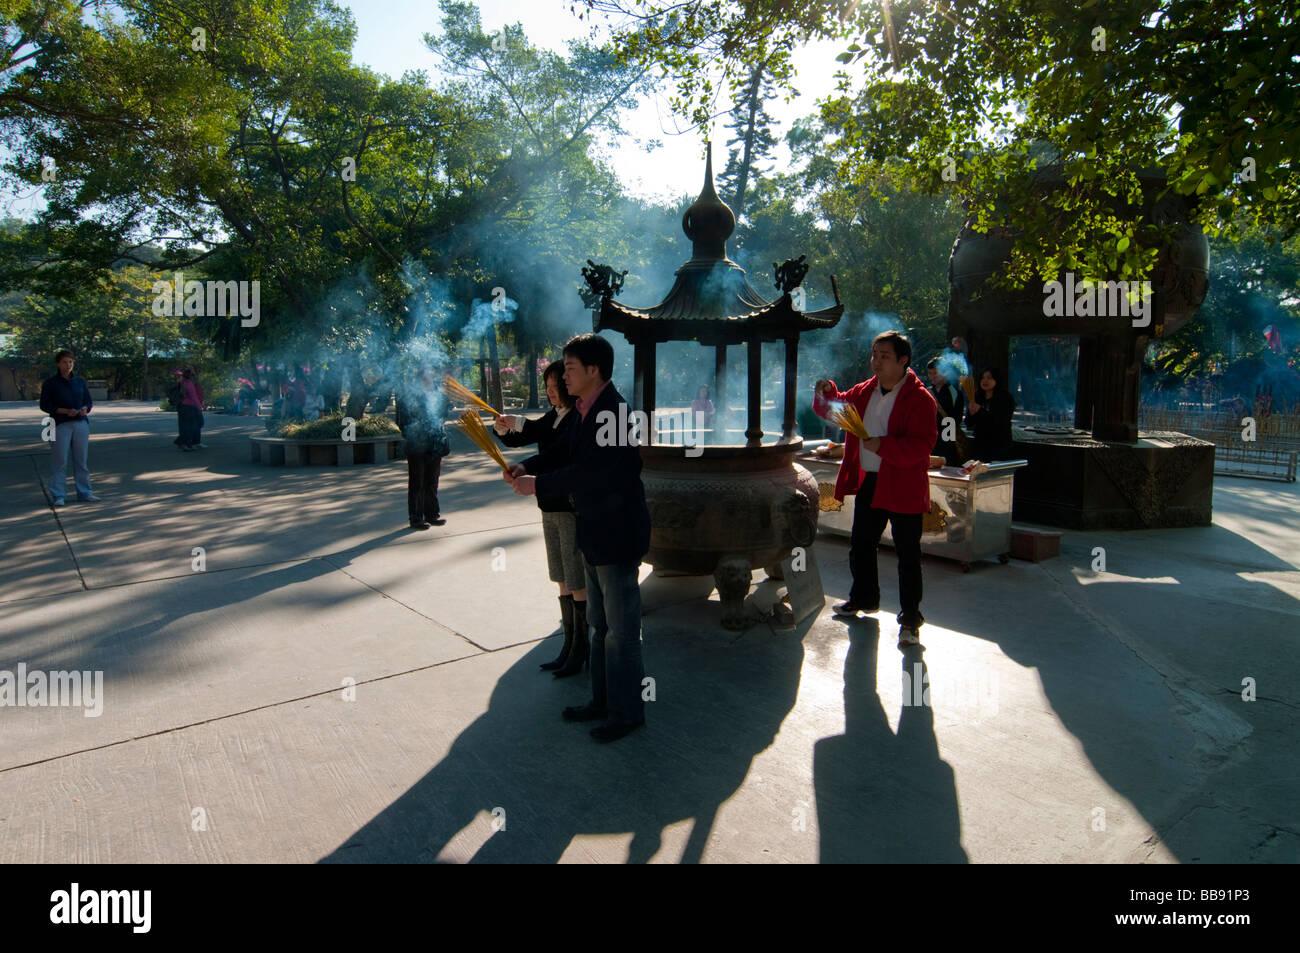 asia china hong kong Lantau Po Lin monastery urn 2008 - Stock Image